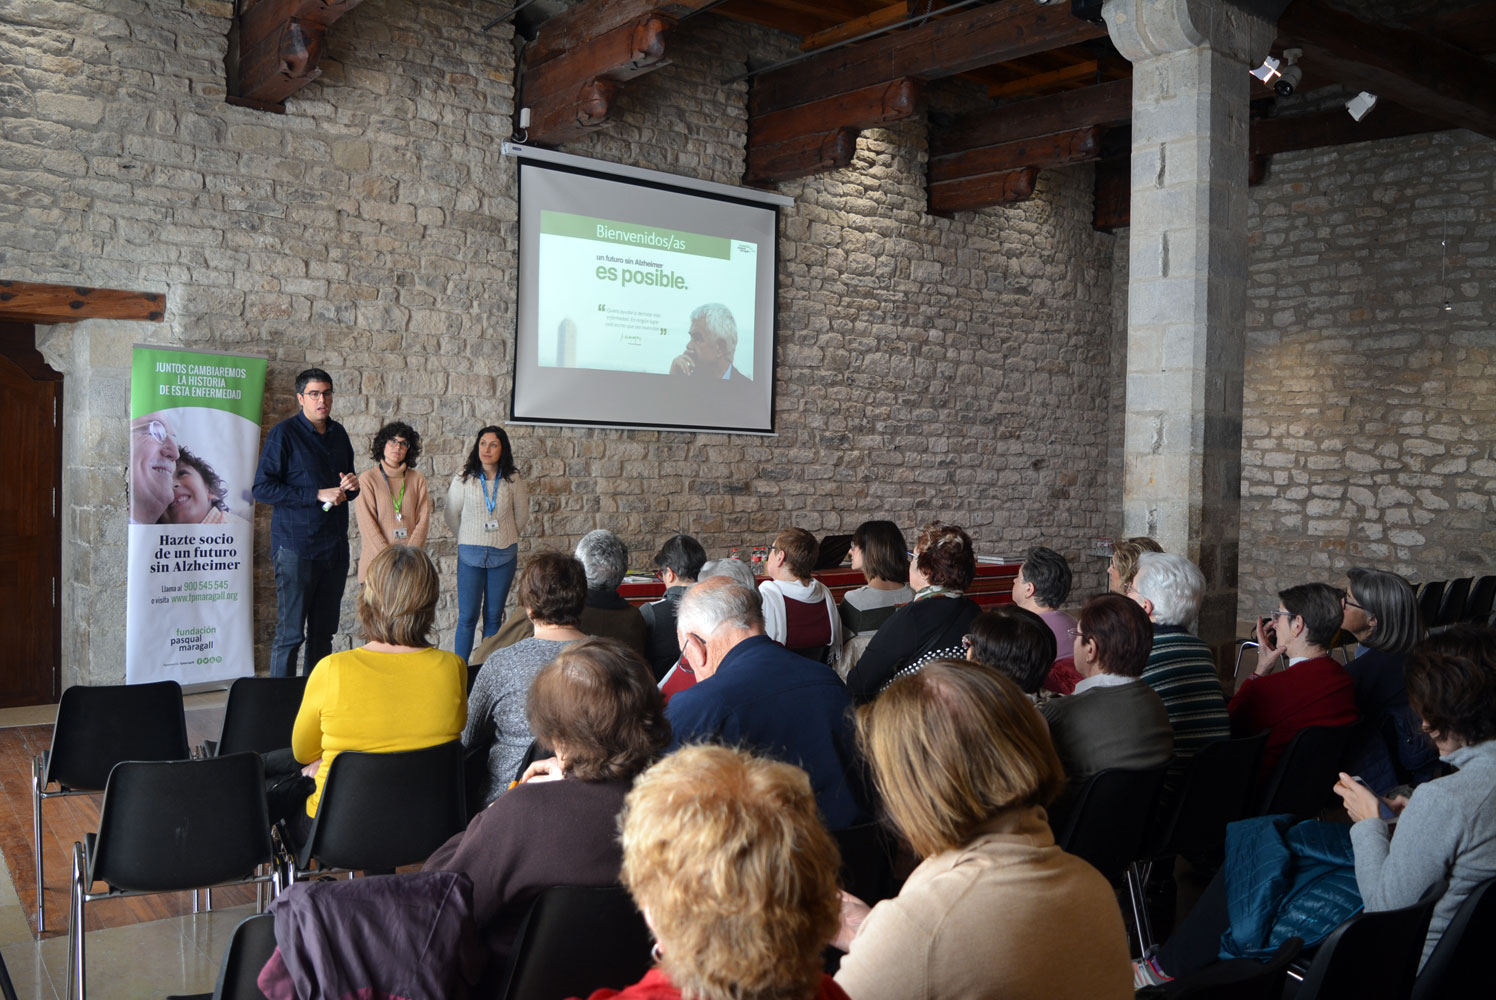 La Fundació Pasqual Maragall parla sobre l'Alzheimer a Morella